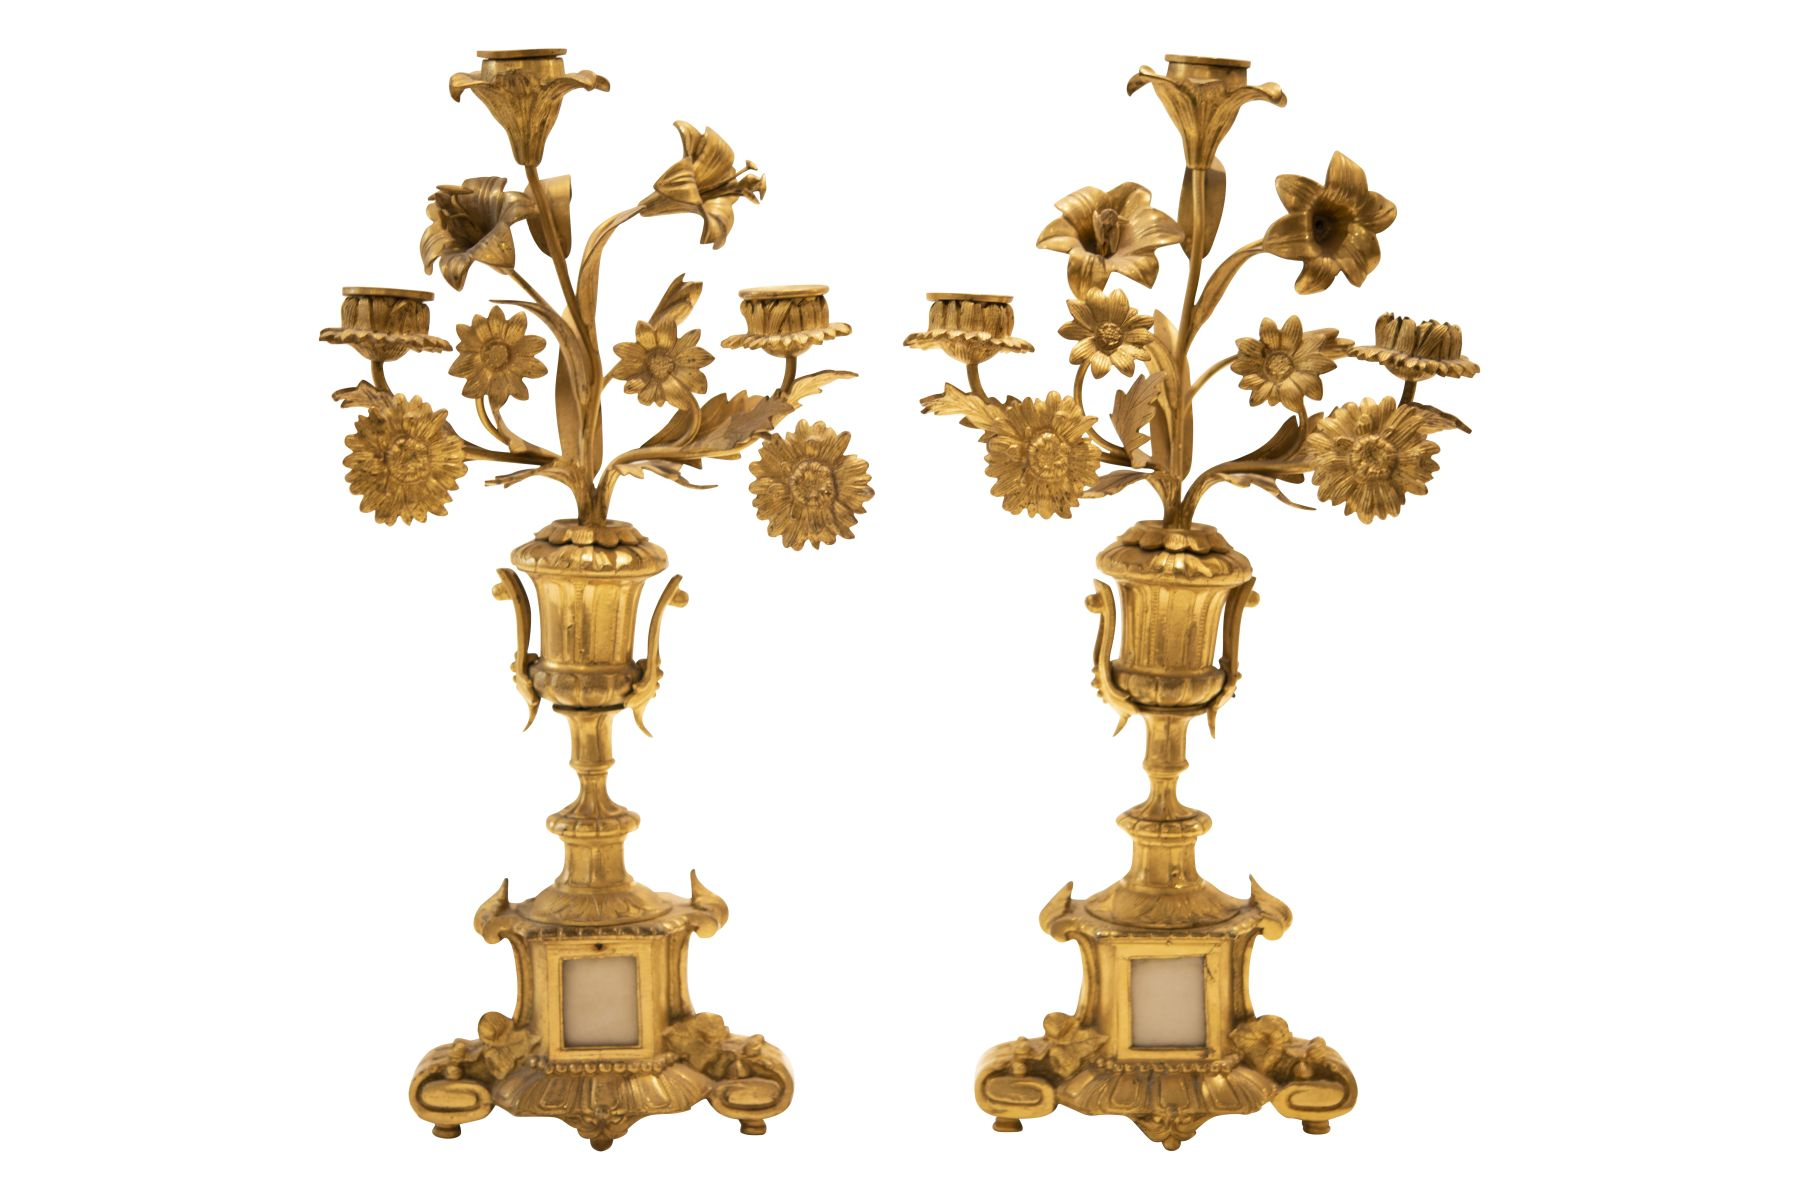 #164 Pair of Brass Candlesticks | Paar Messingleuchter Image